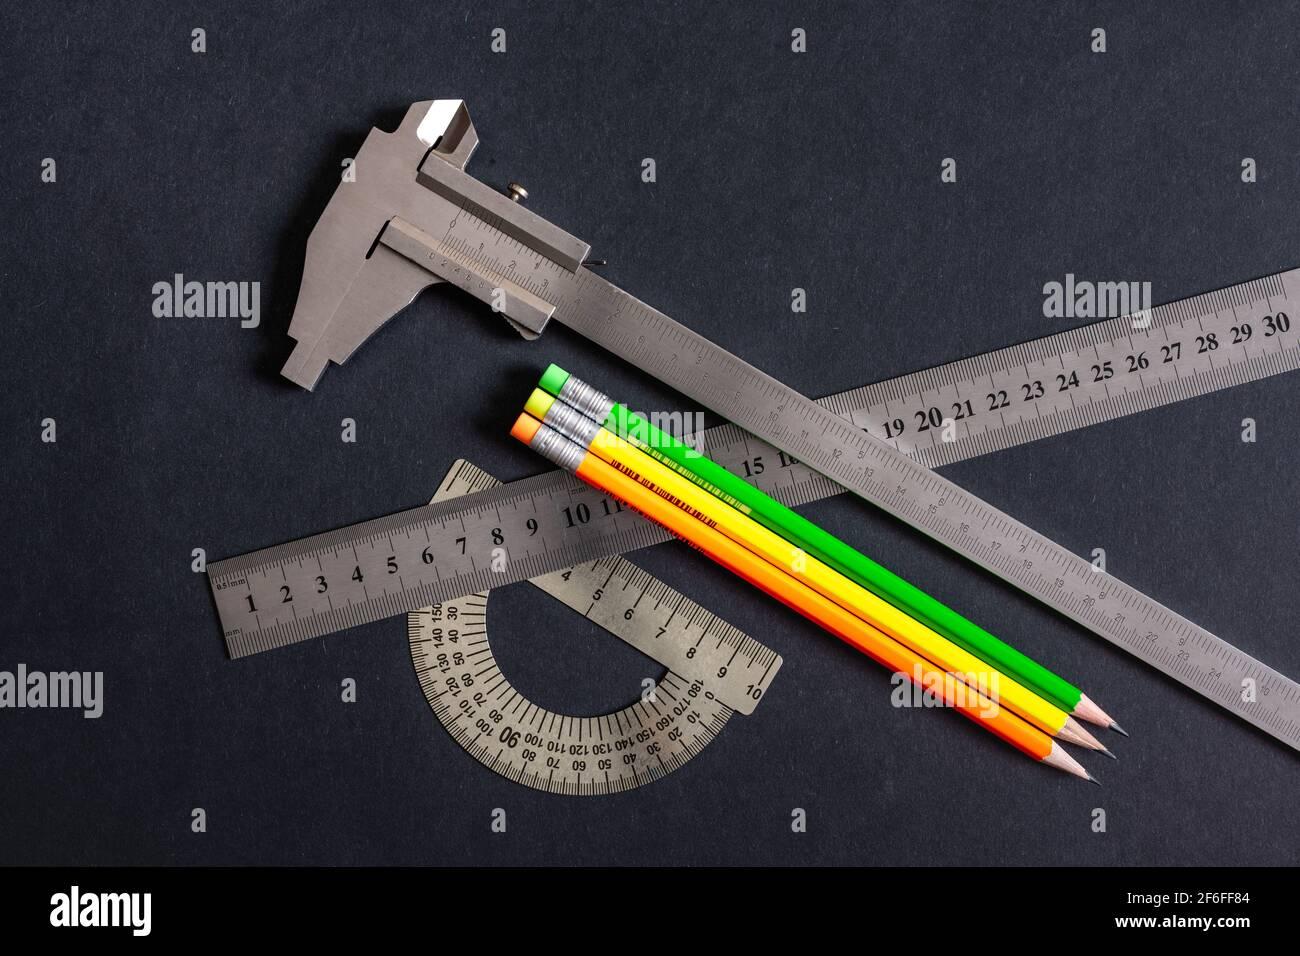 Goniomètre et règle et pied à coulisse trois types sur fond gris foncé-noir motifs. Crayons d'esquisse vert jaune orange. Non-couleur, monochr Banque D'Images